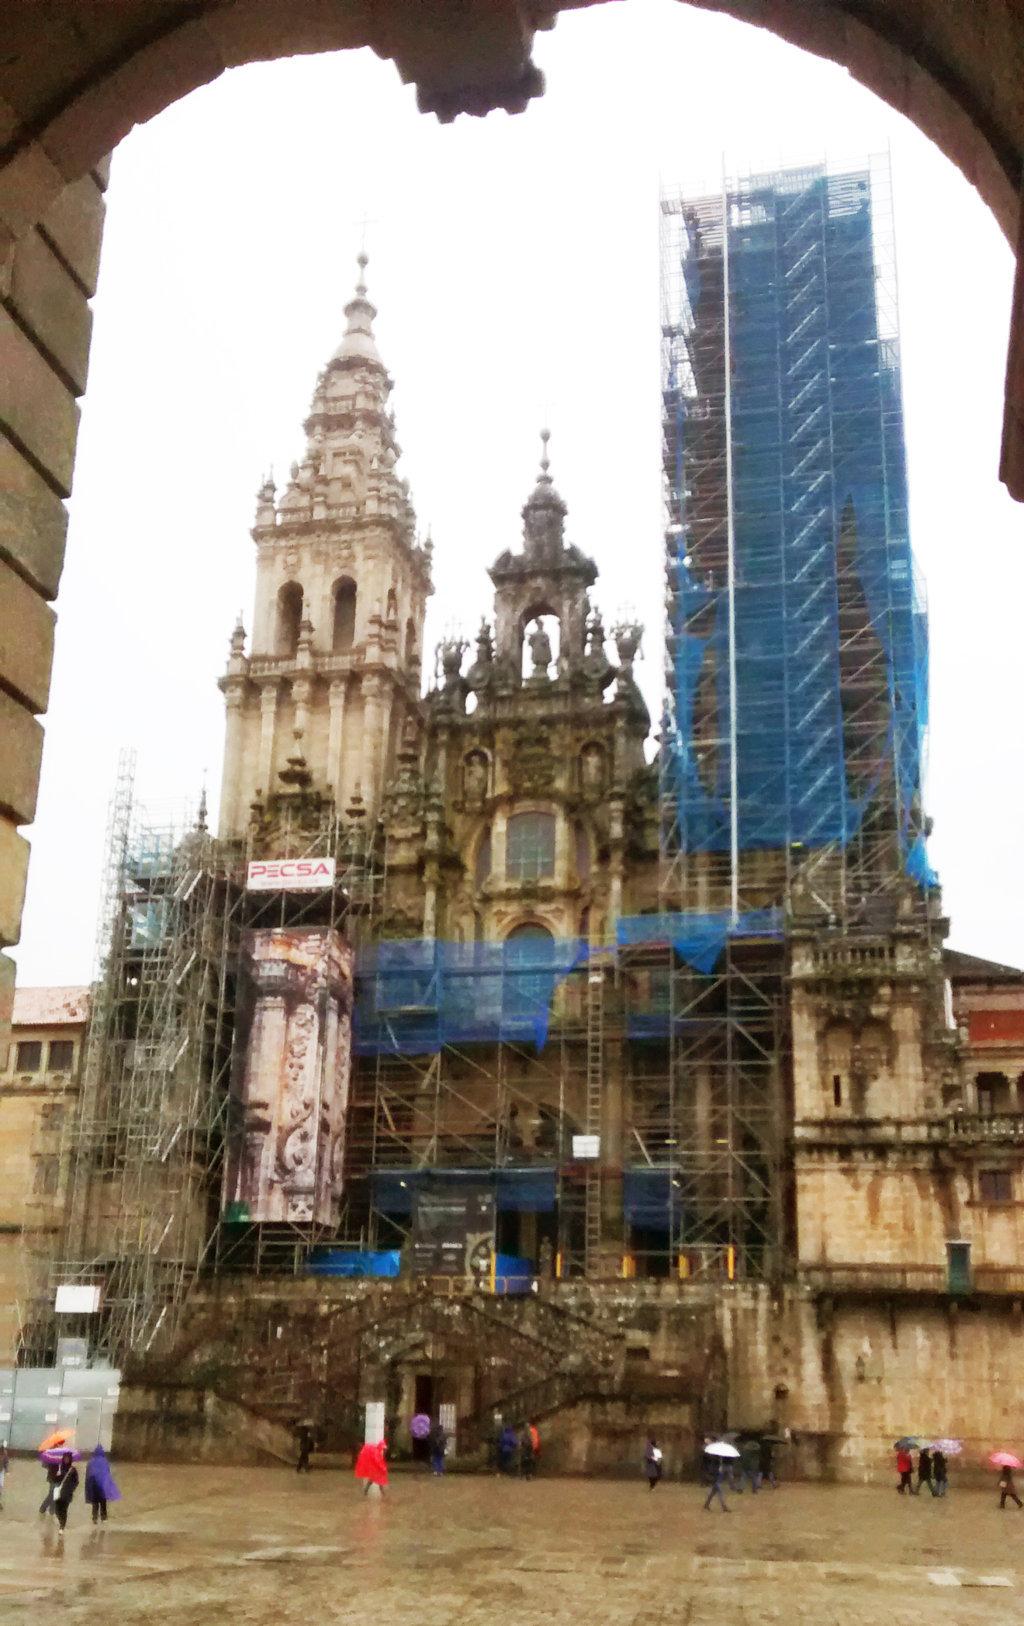 Foto 2 - La Catedral a día de hoy se encuentra en proceso de restauración según se puede ver en esta foto.